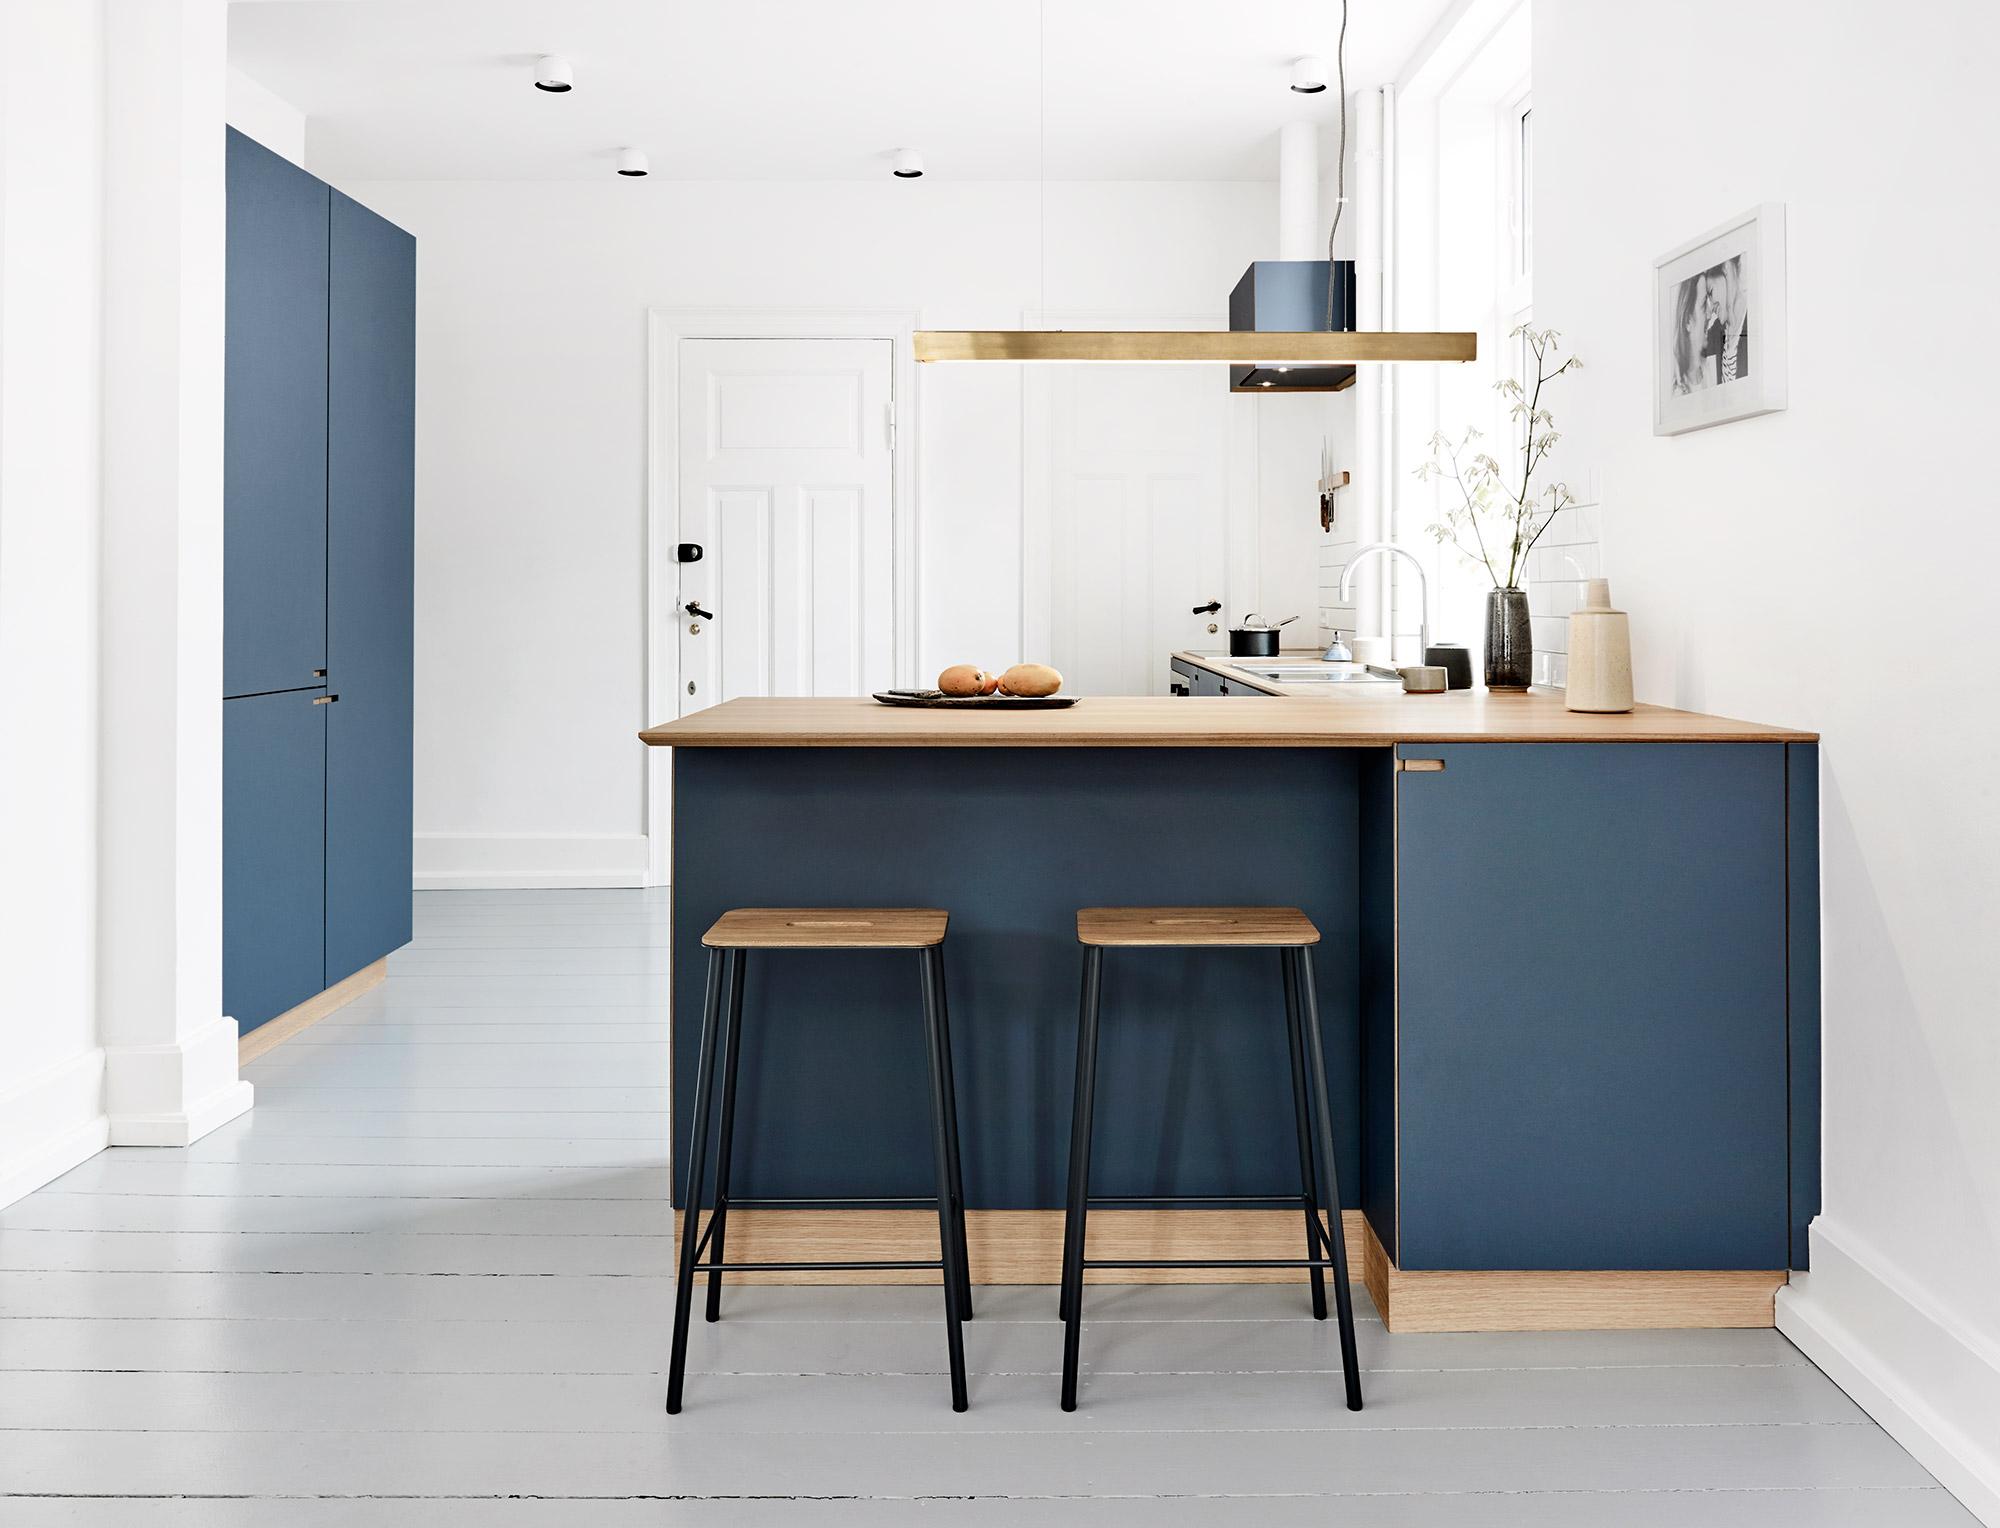 Snedkerkøkkenet Svanholmsvej - designet og produceret af Nicolaj Bo™ - København